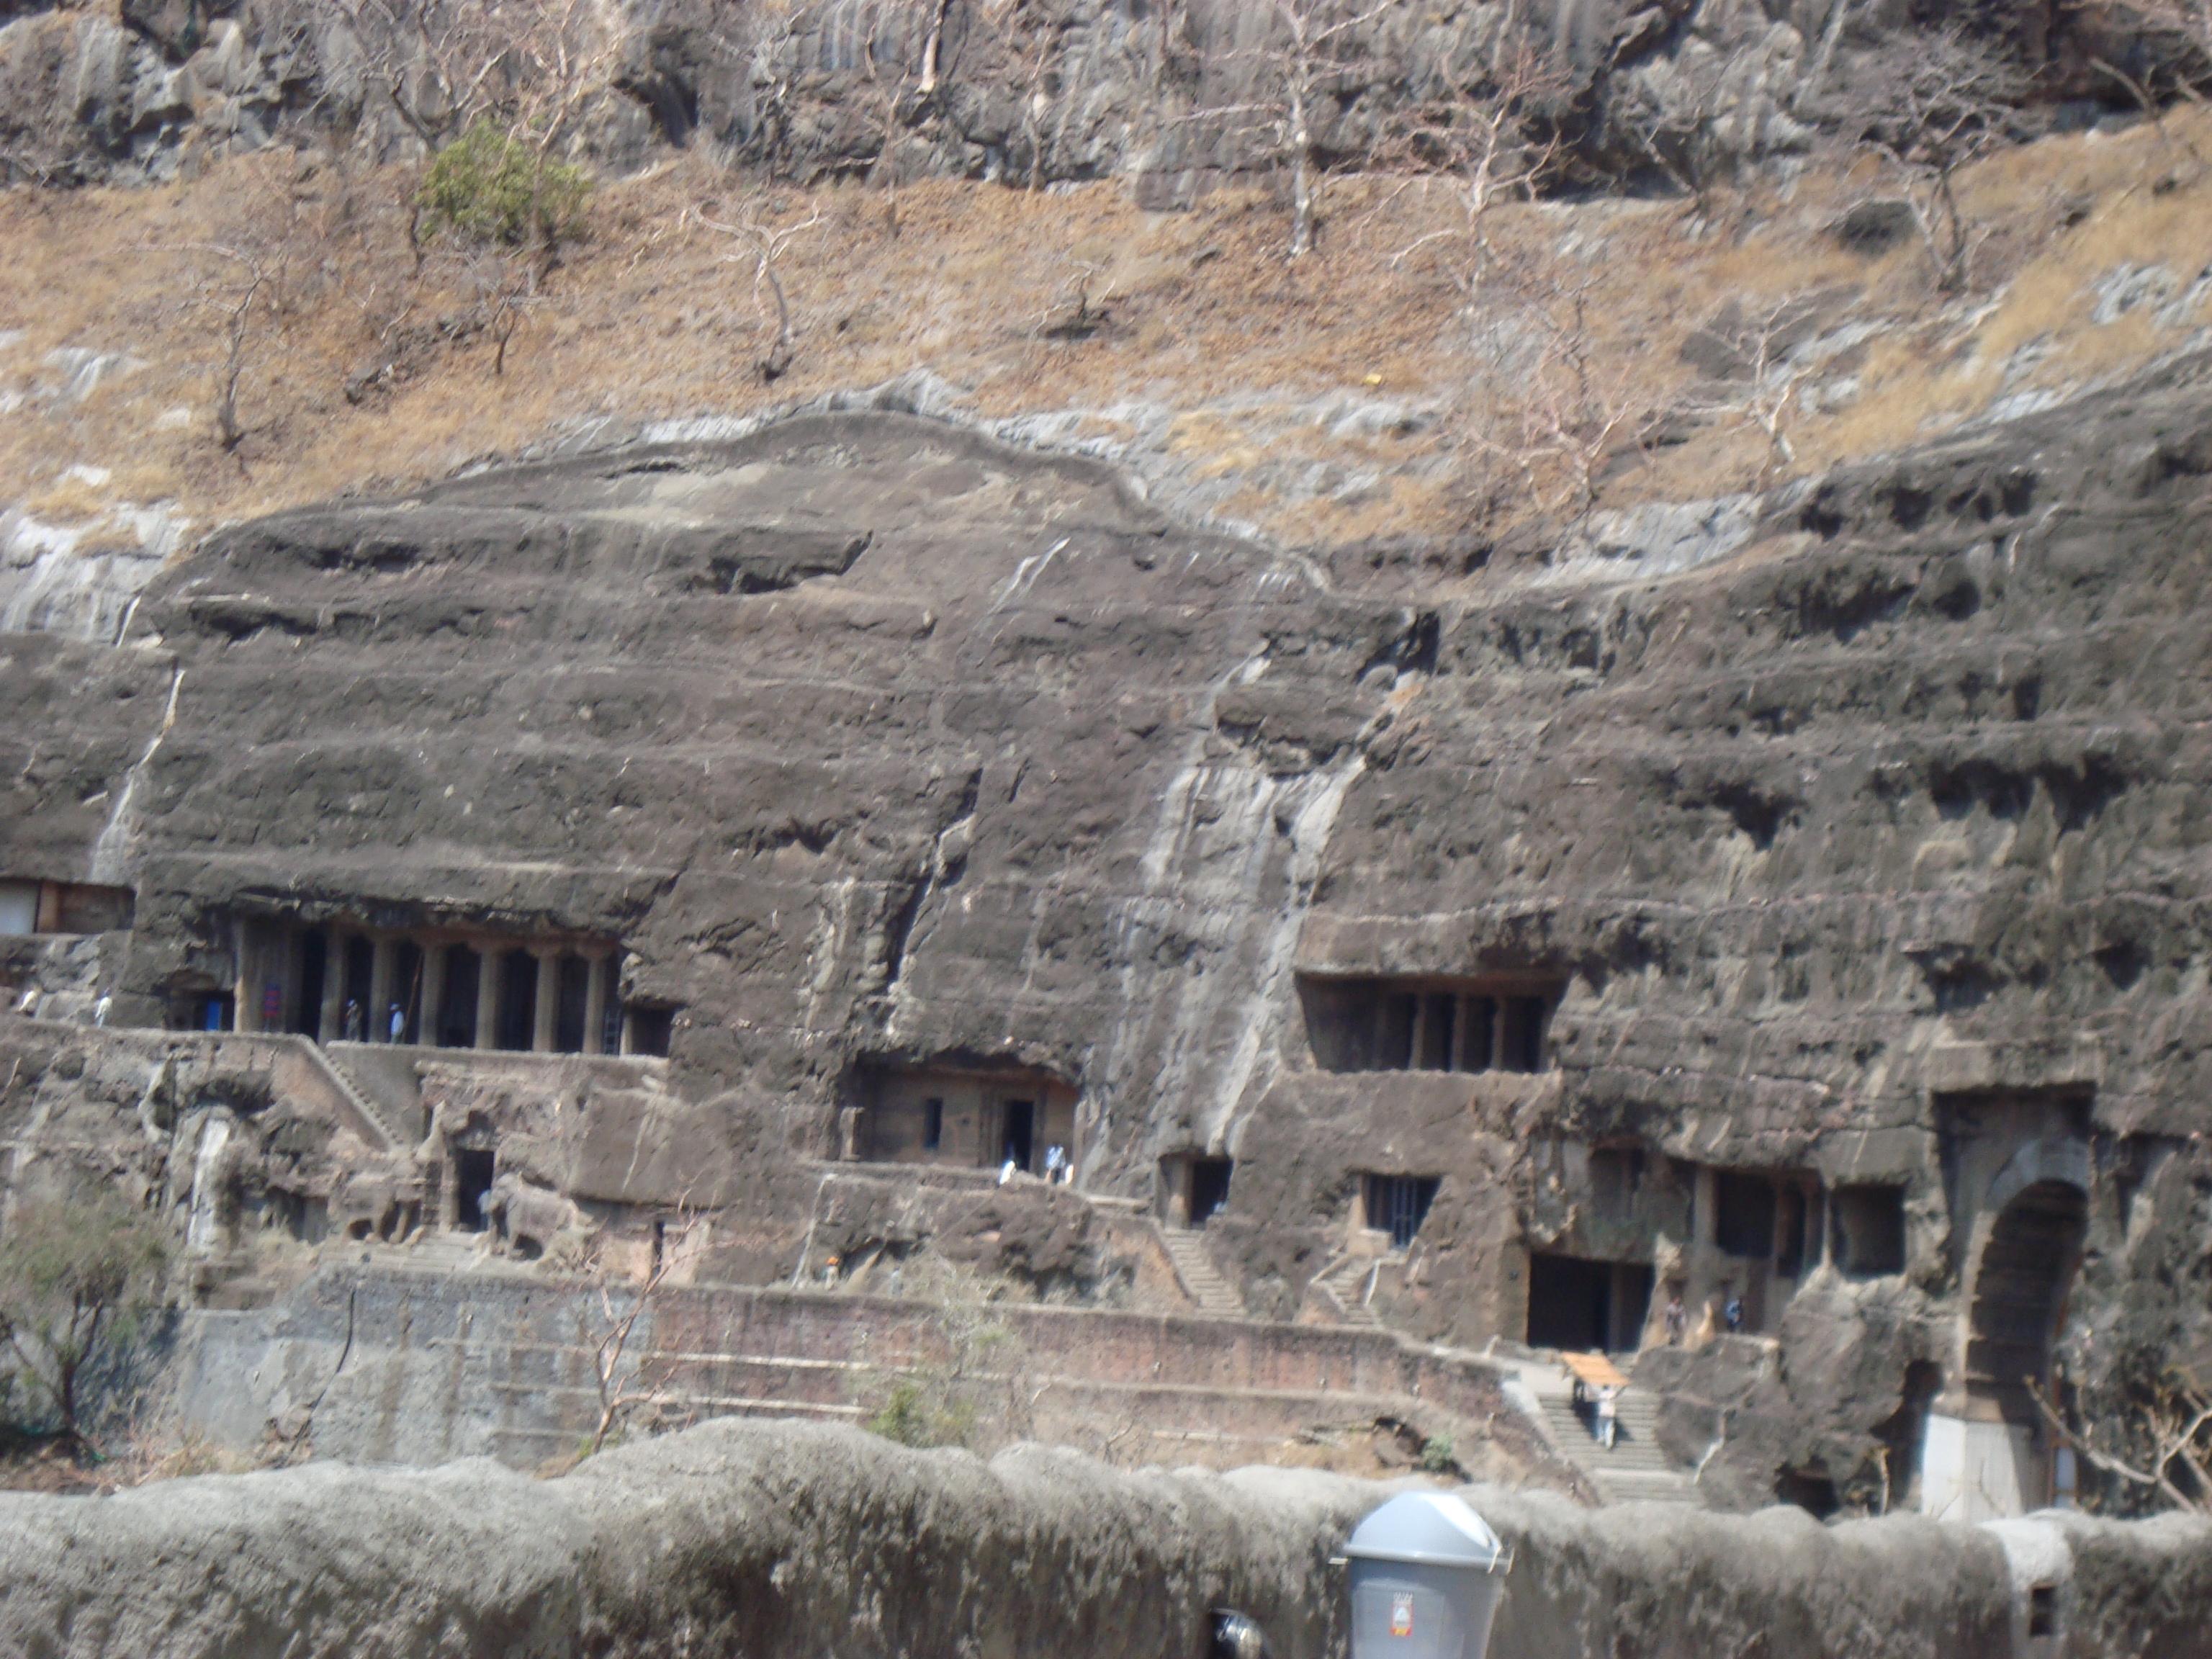 Официальная информация Пещеры Аурангабада (хинди औरंगाबाद गुफाएं араб. اورانجاباد الكهوف) — три сравнительно небольших комплекса буддийских пещерных храмов на север от города Аурангабад, районного центра в штате Махараштра в Индии.  Это примерно девять пещер, которые делят на западные и восточные. Почти все они были построены в VI—VIII веках в правление династий Вакатака и Чалукья. Все они идентифицируются как пещеры последователей Махаяны, кроме пещеры №4, которая считается храмом тхеравадинов, и №6, посвящённой Ганеше. Со склона холма западных пещер (на северо-запад от города) открывается вид на мавзолей Биби-Ка-Макбара, в миниатюре воспроизводящий Тадж-Махал